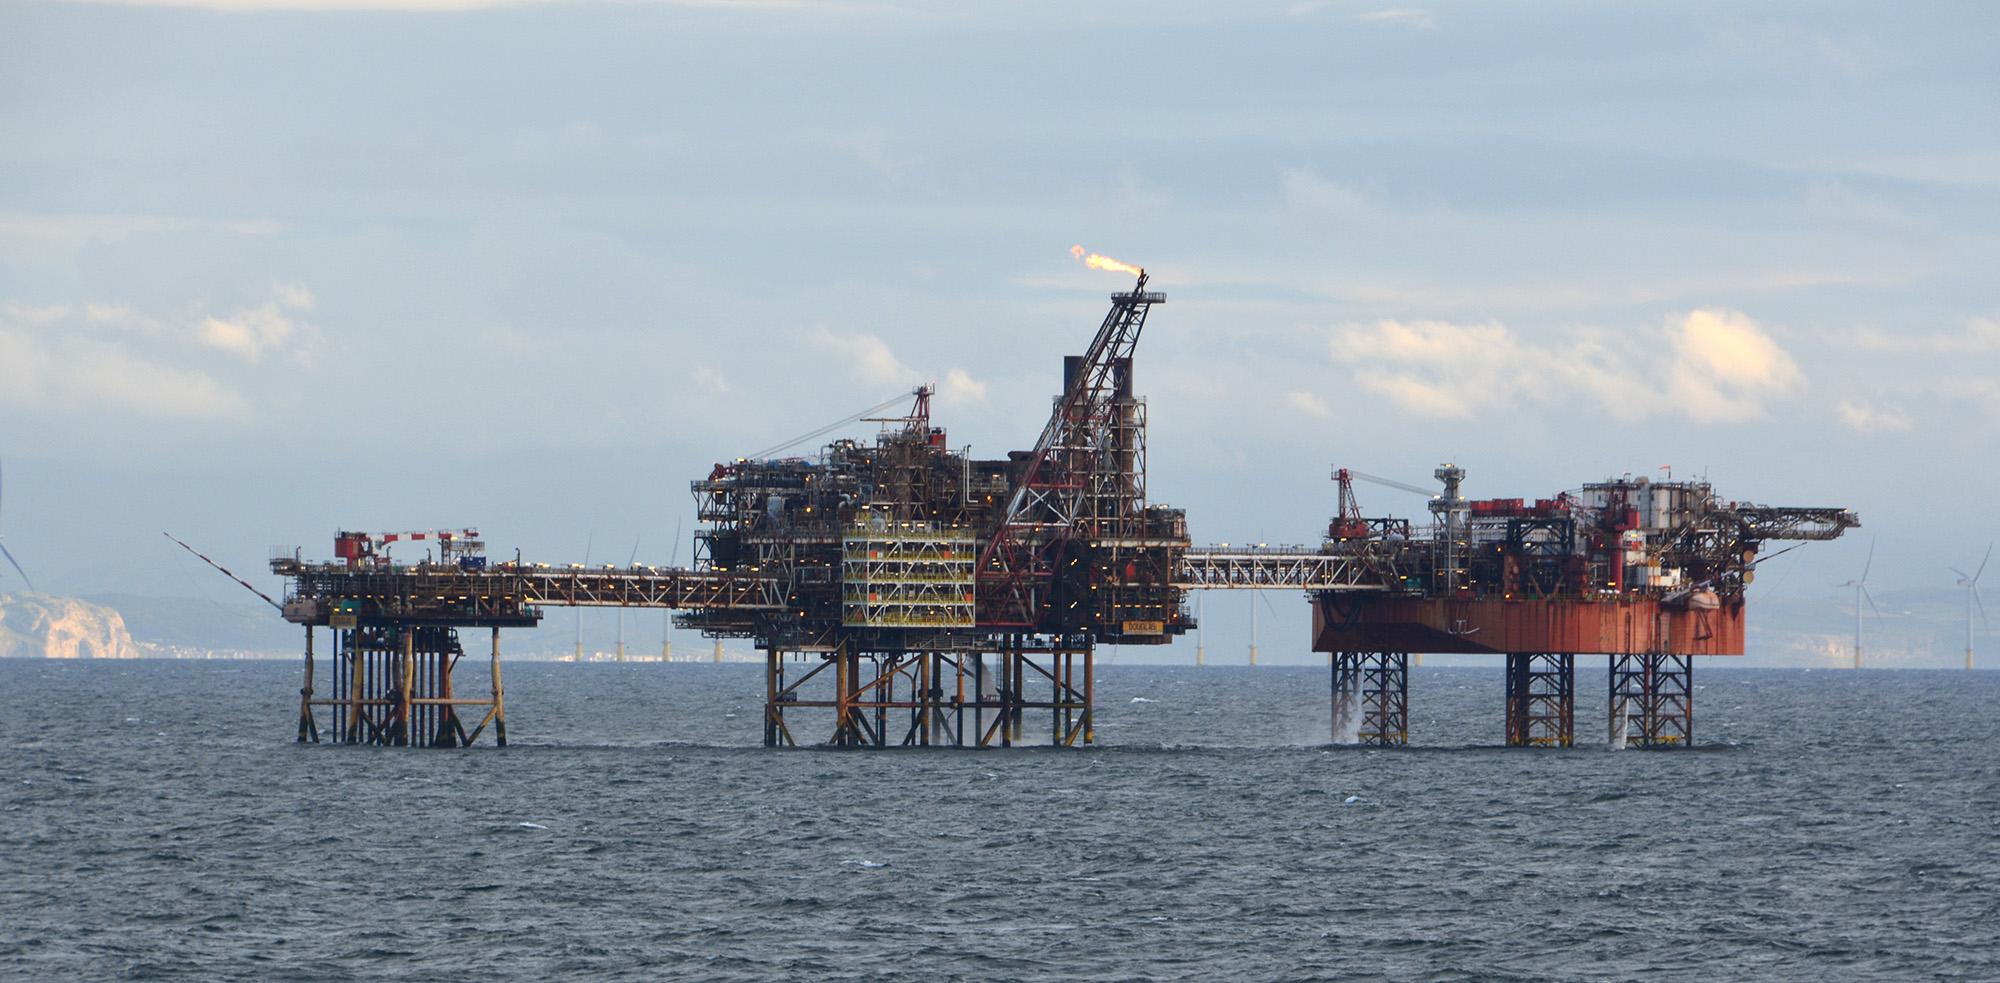 Douglas_oil_complex,_Irish_Sea_off_North_Wales